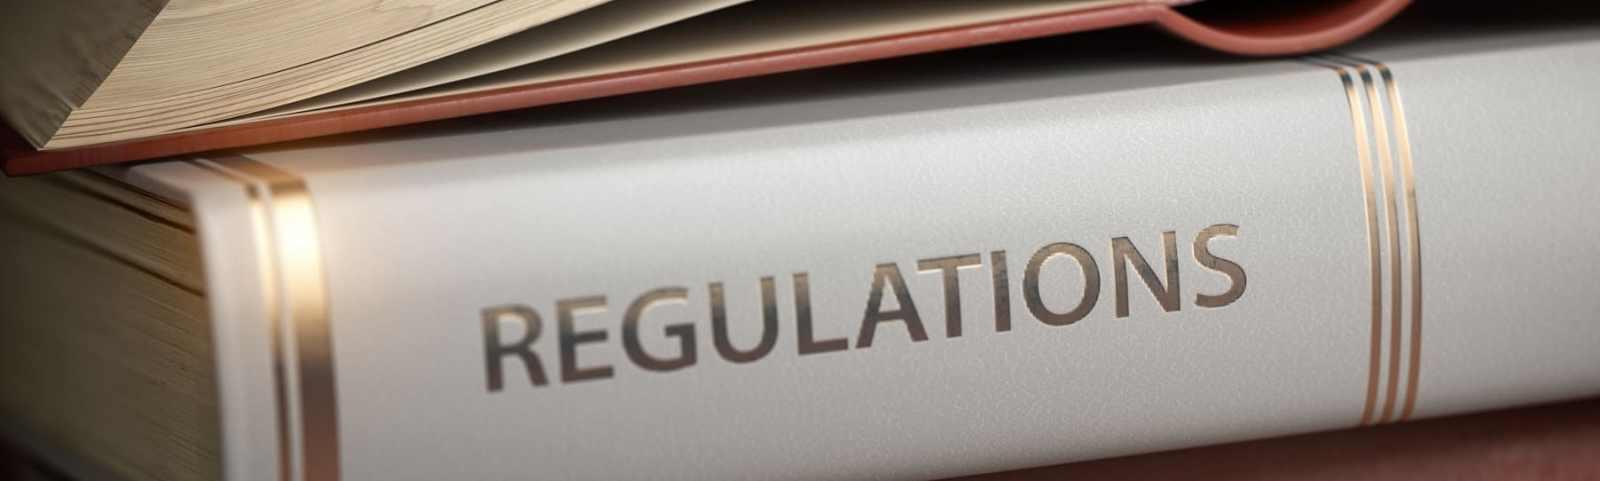 Podstawowe przepisy dotyczące korzystania z wyrobów pirotechnicznych